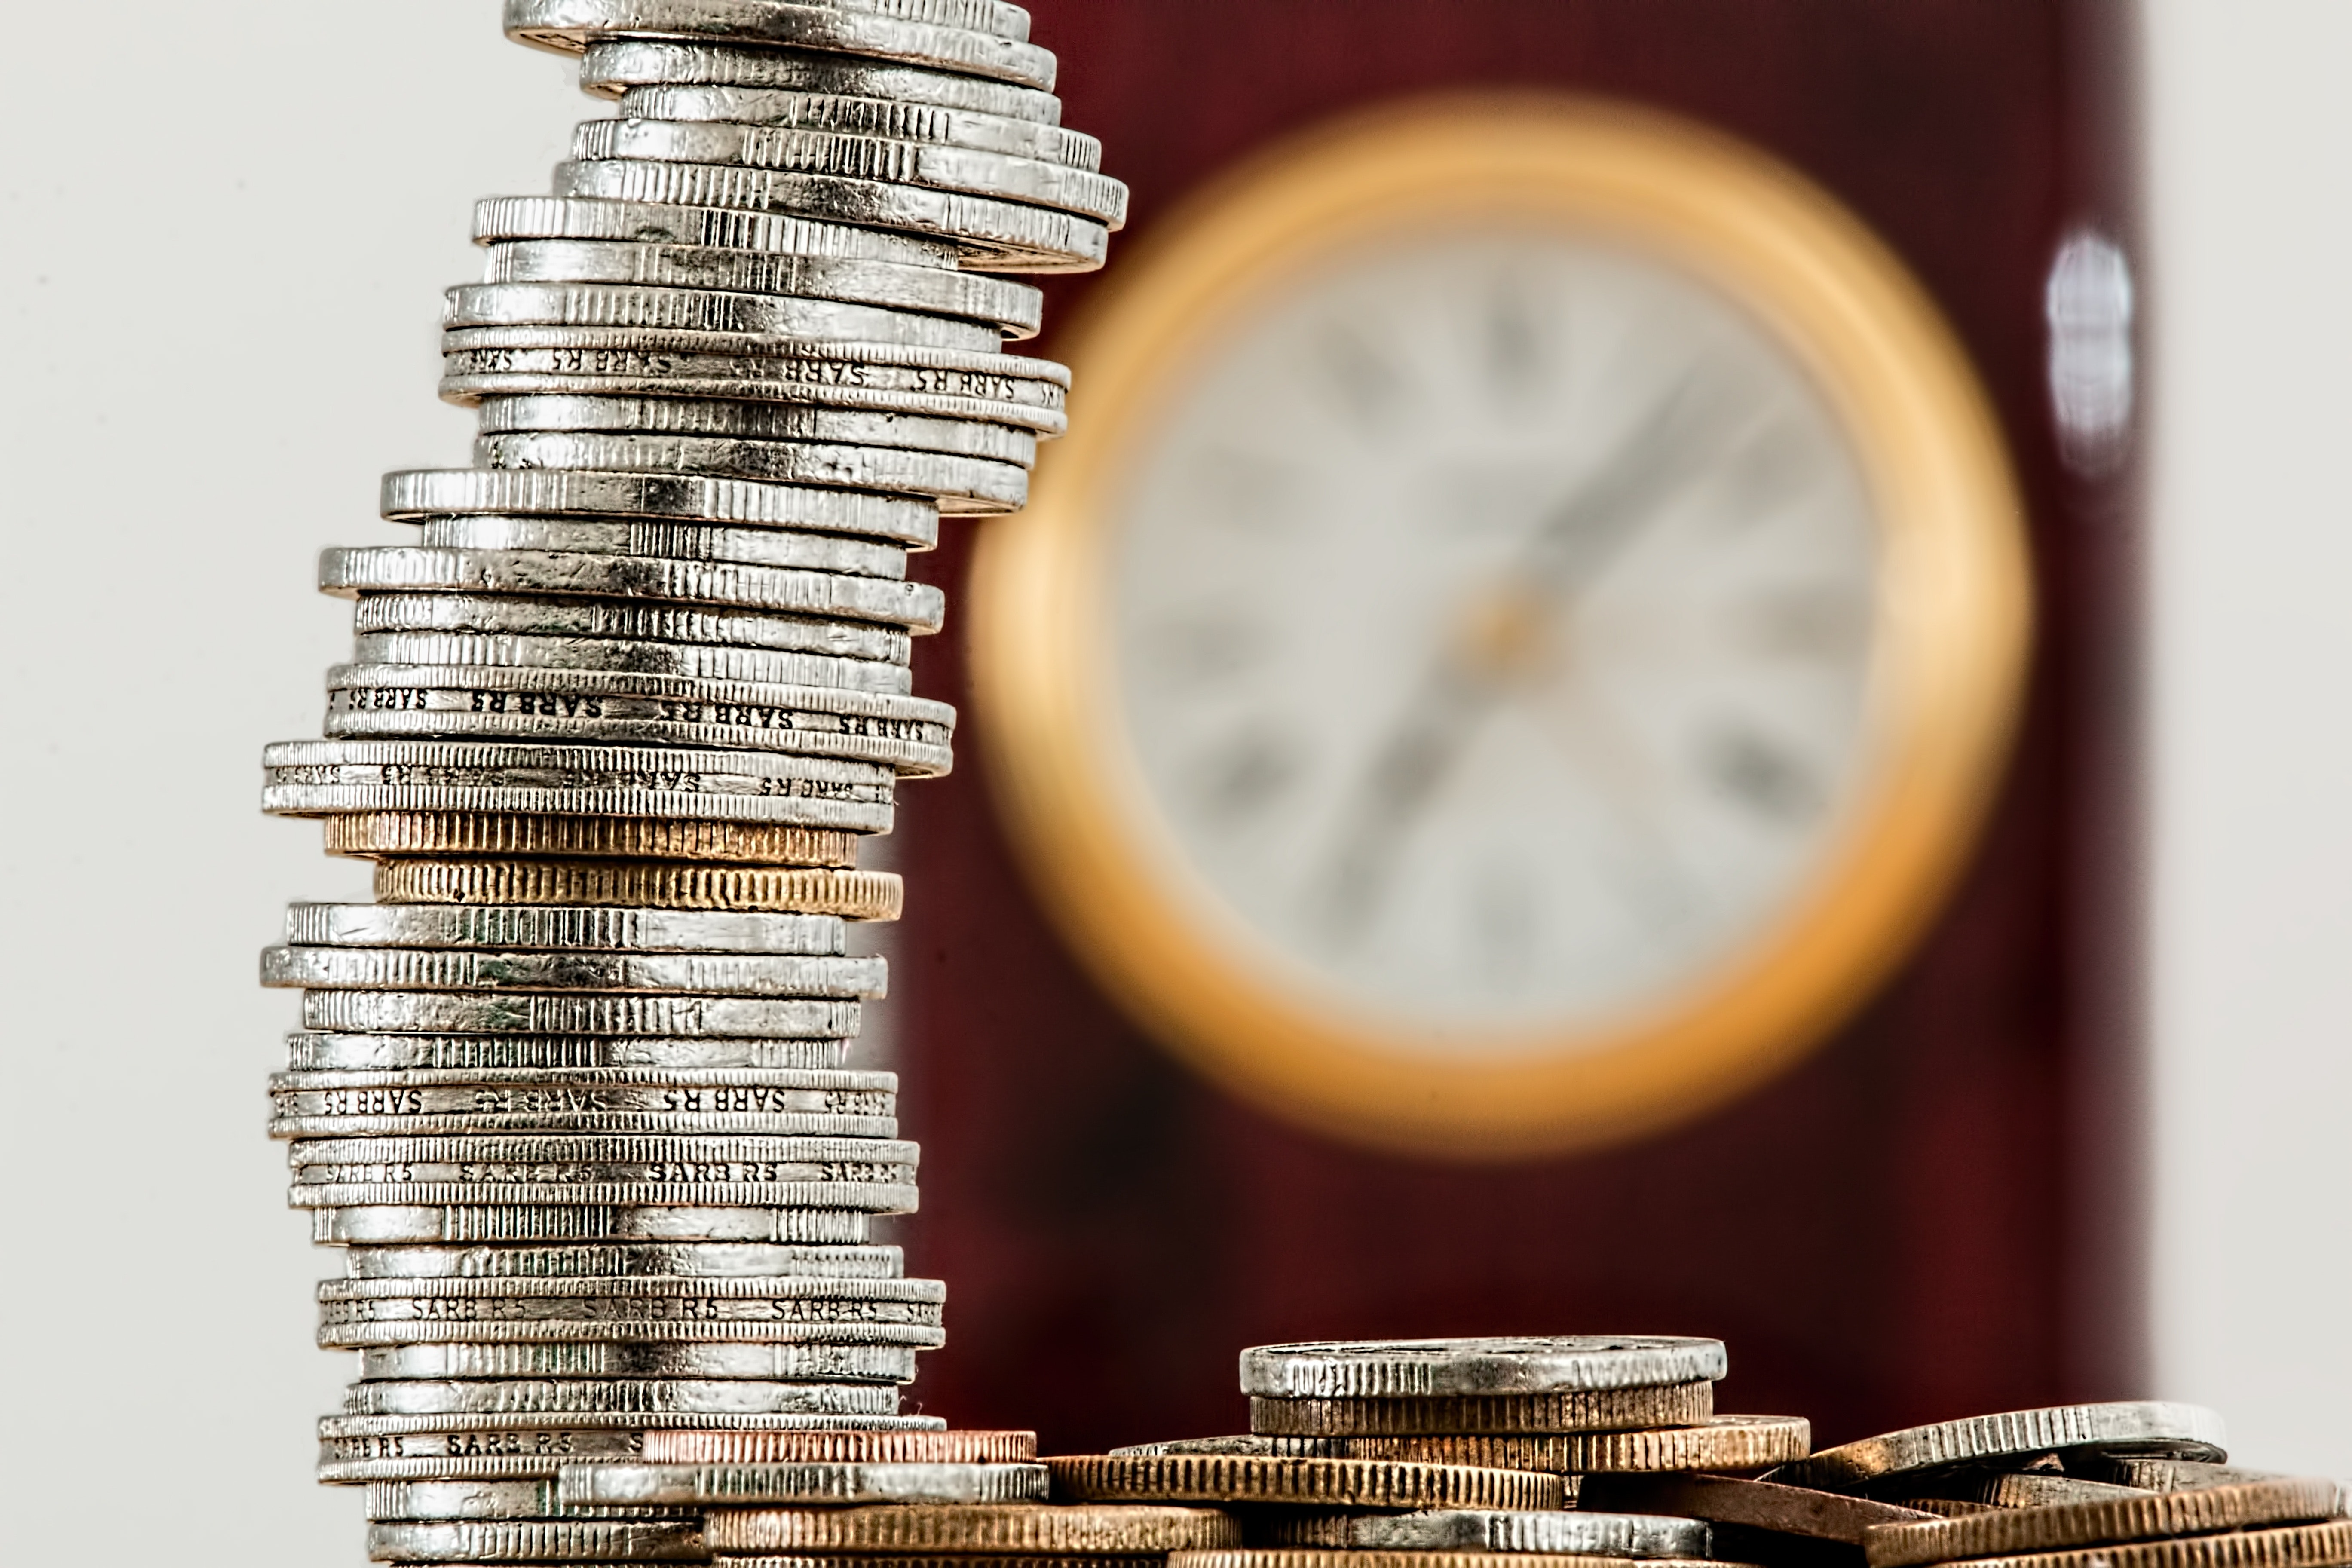 新闻资讯文字-图片-4.费用预算系统